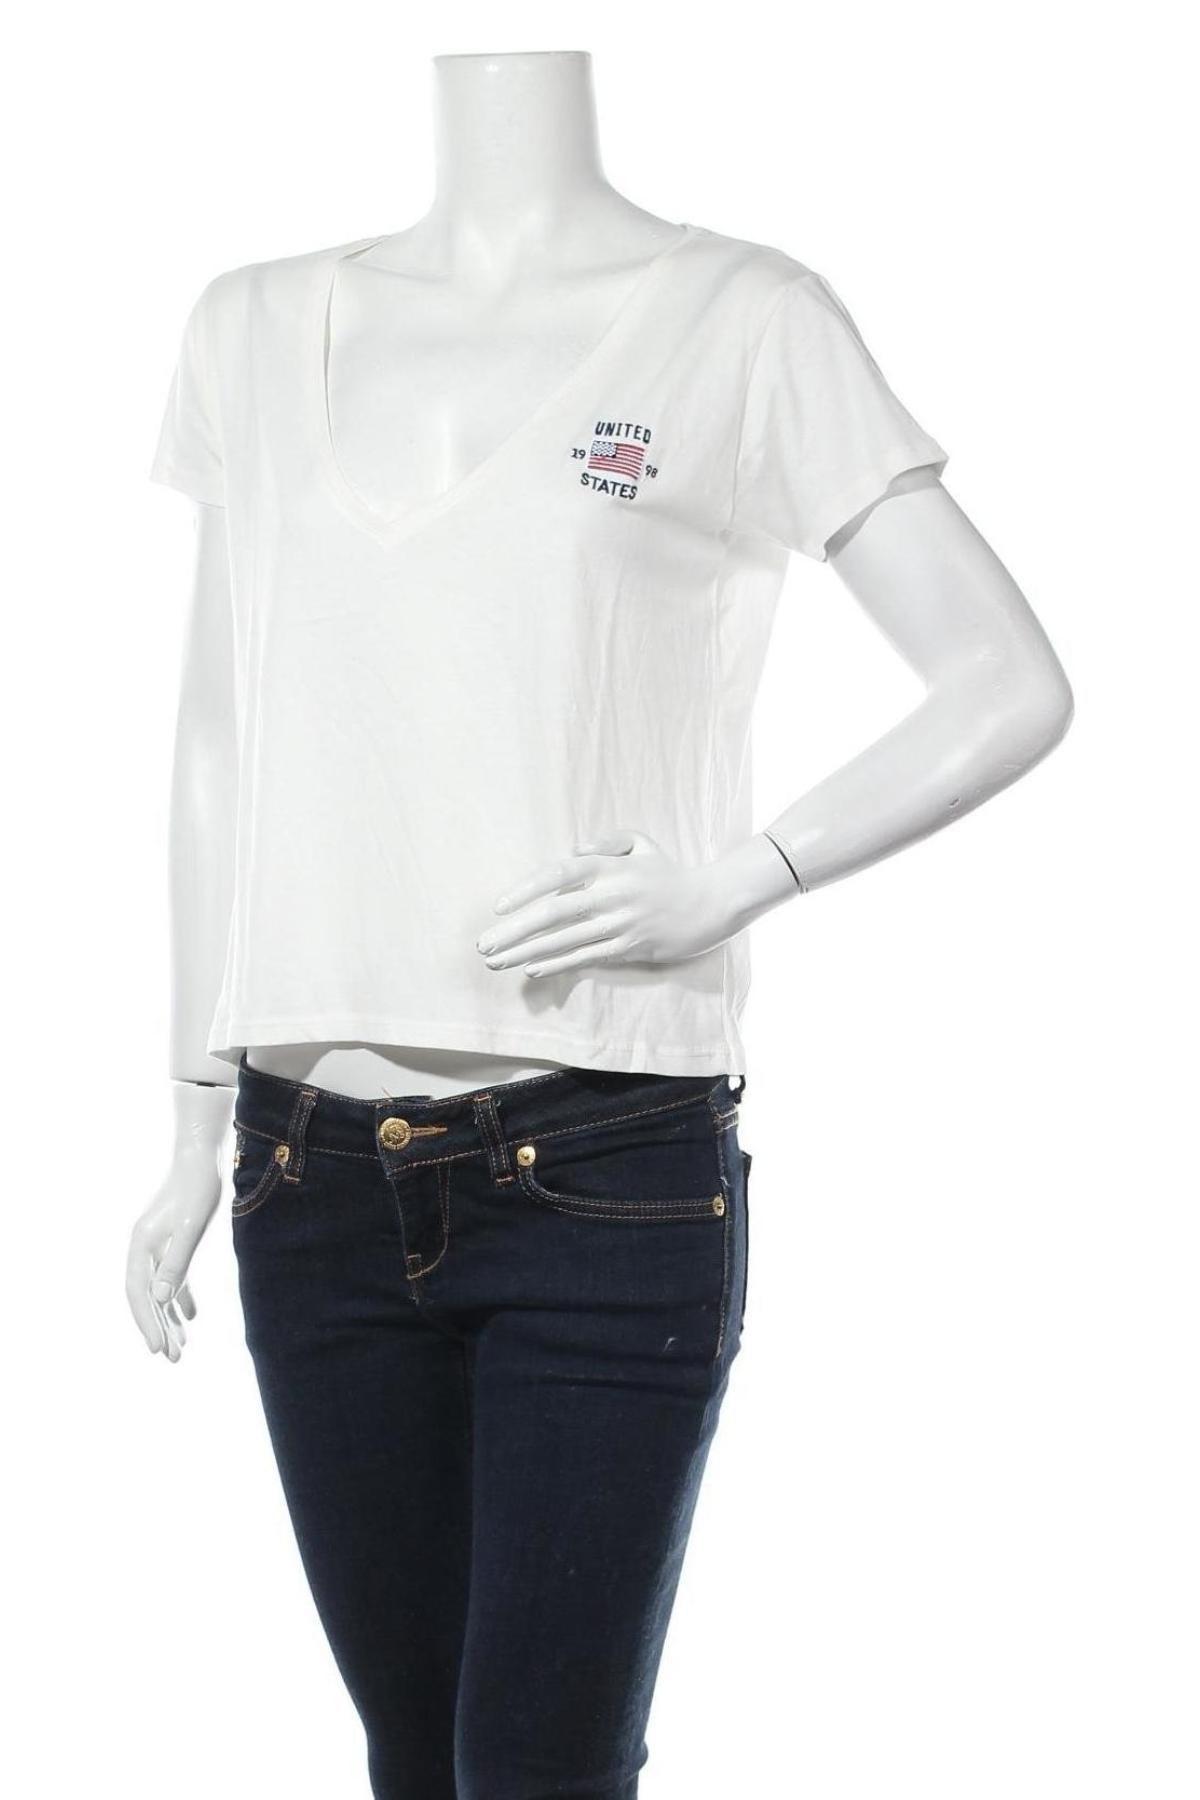 Дамска тениска Review, Размер L, Цвят Бял, 50% памук, 50% модал, Цена 14,62лв.